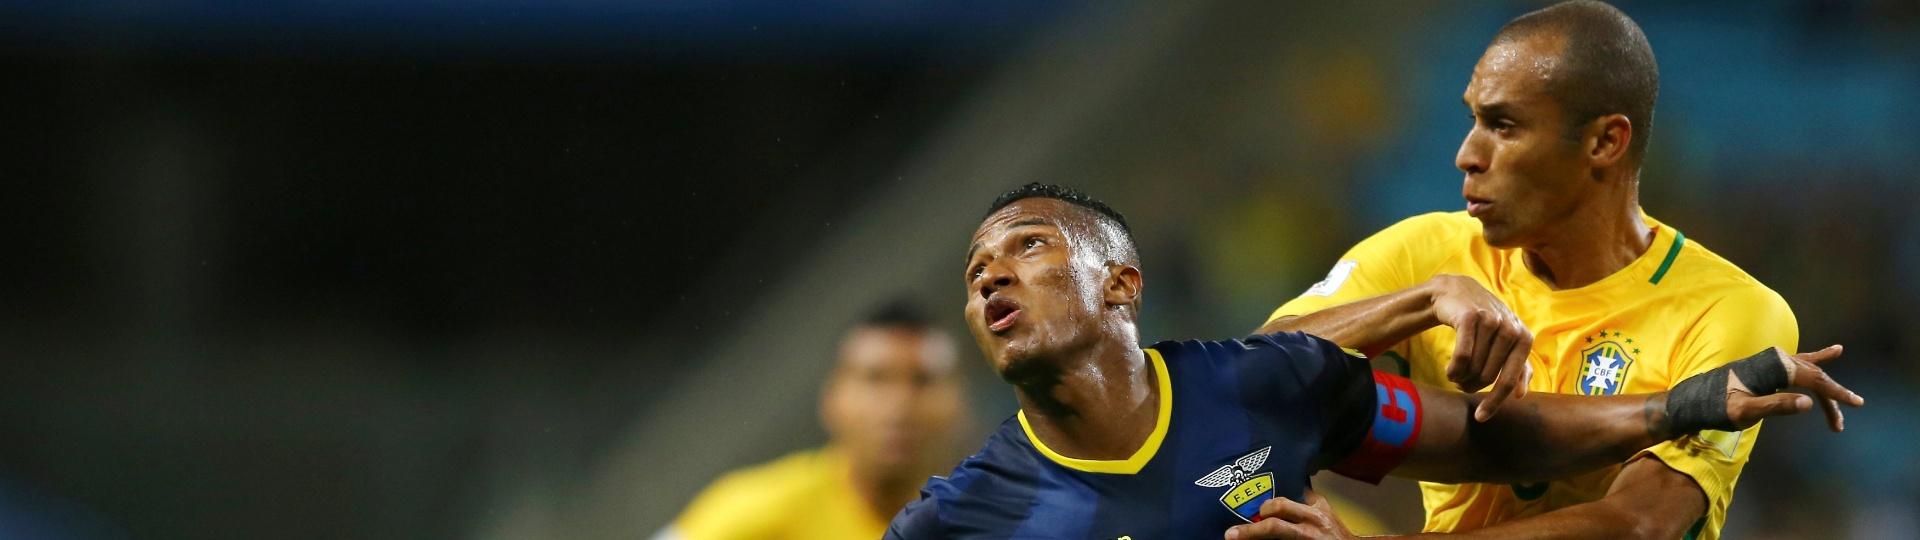 Miranda disputa bola com o equatoriano Antonio Valencia